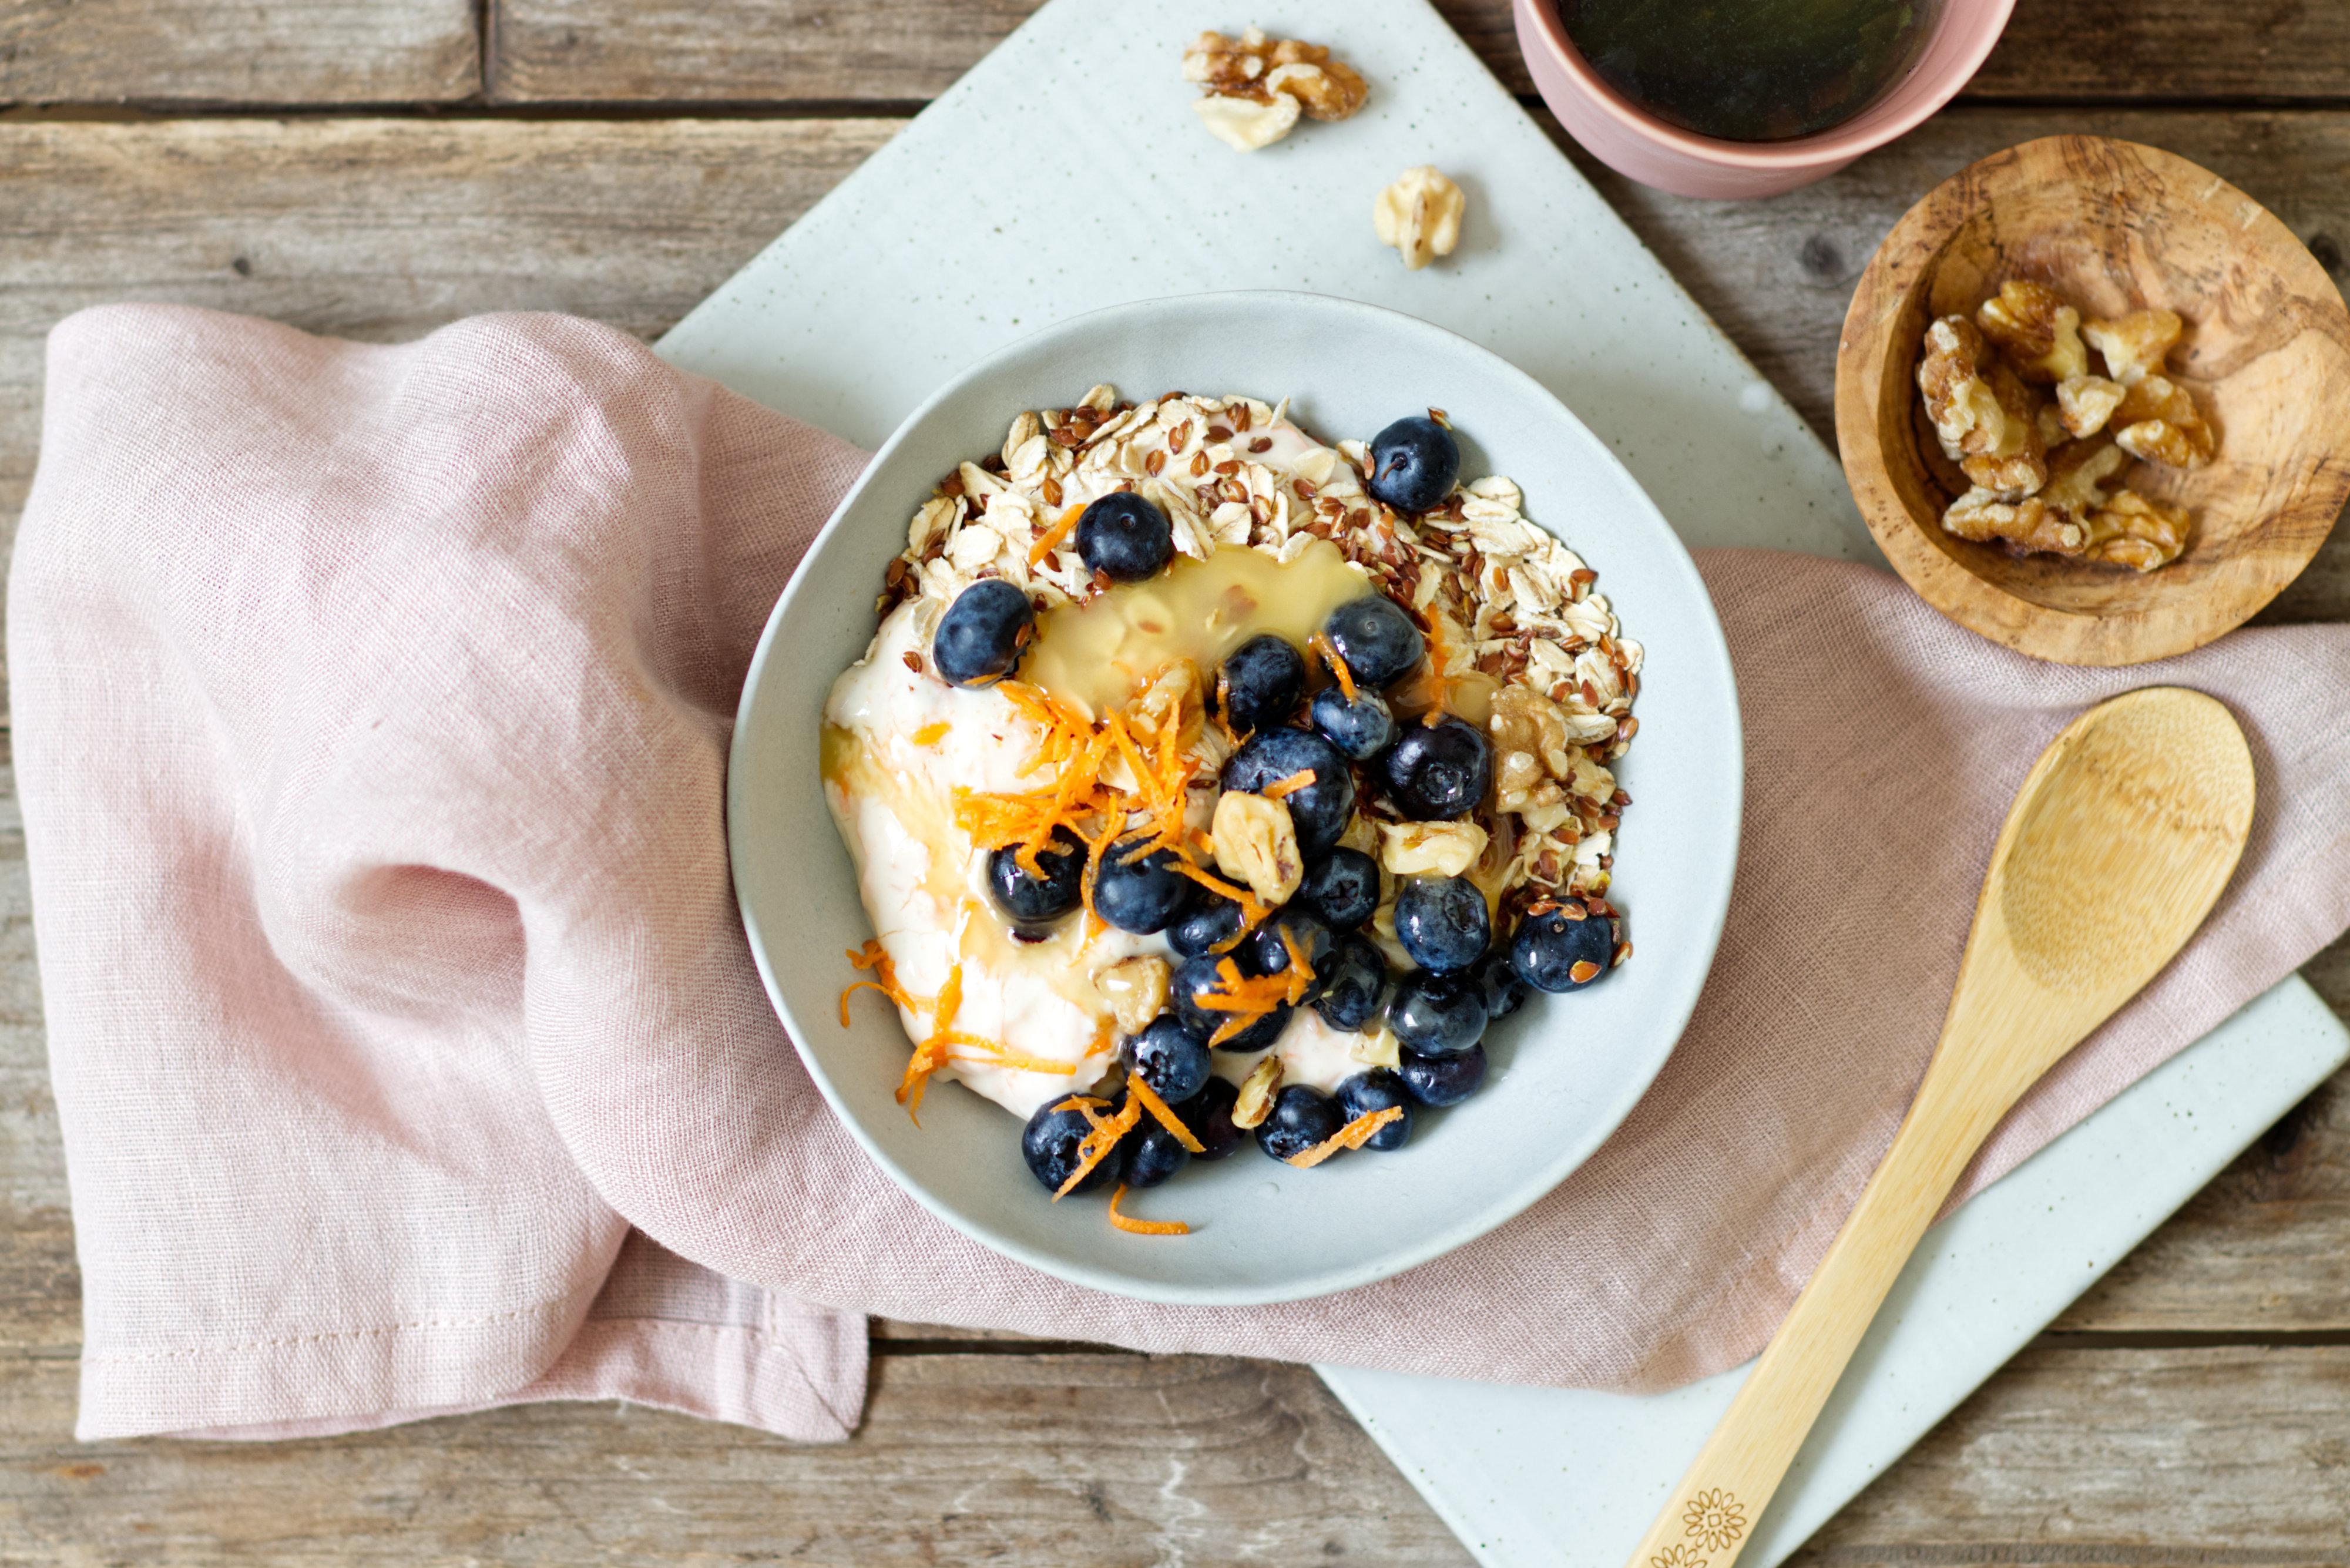 Möhren-Nuss-Sojajoghurt mit Heidelbeeren und Haferflocken